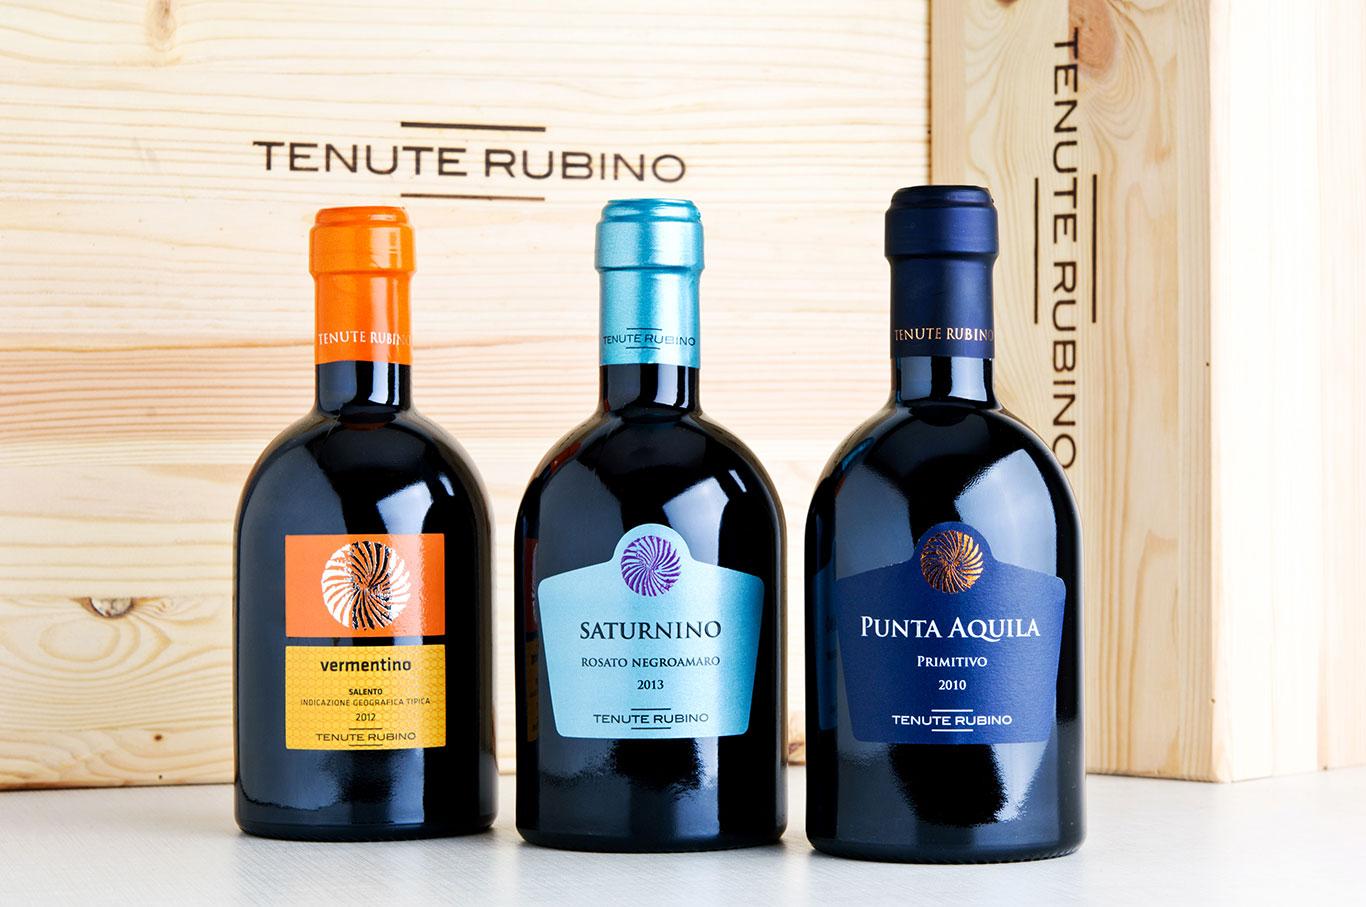 TENUTE RUBINO LANCIA I FORMATI DA 375 ML